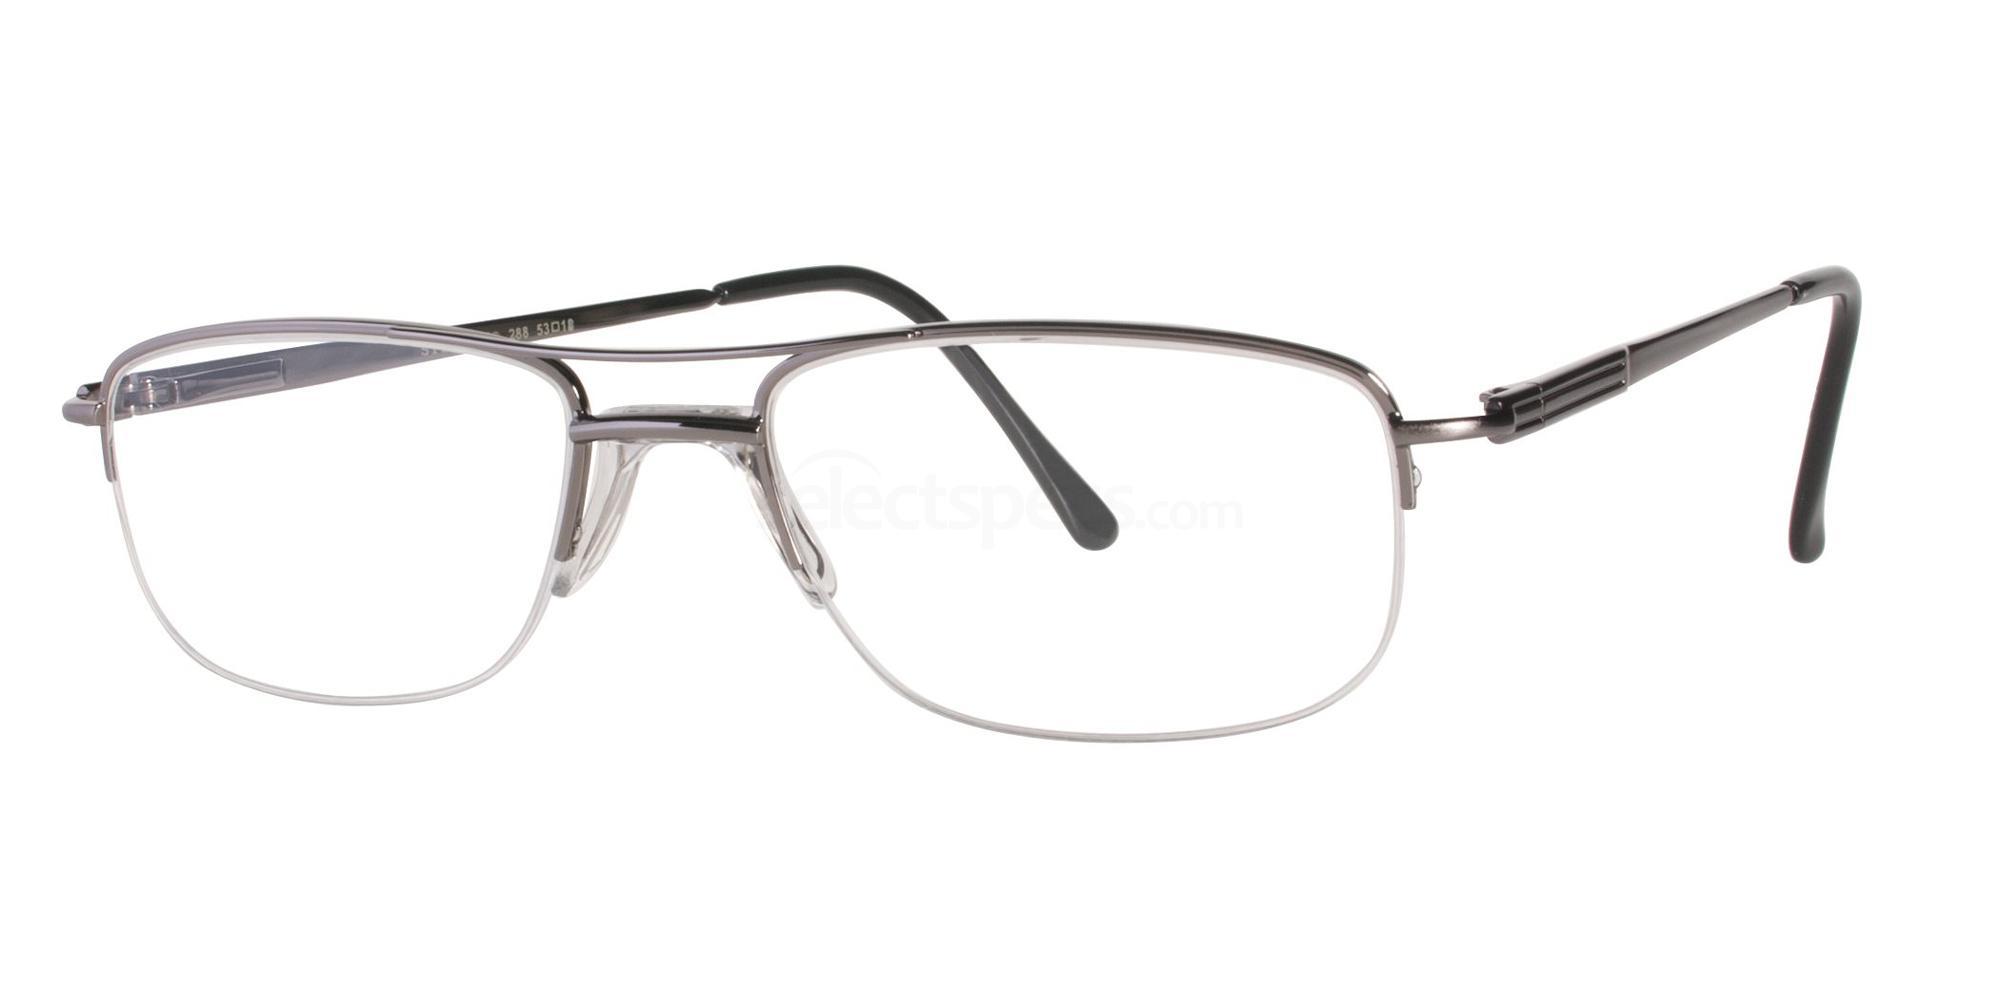 02 ST288 Glasses, Stetson